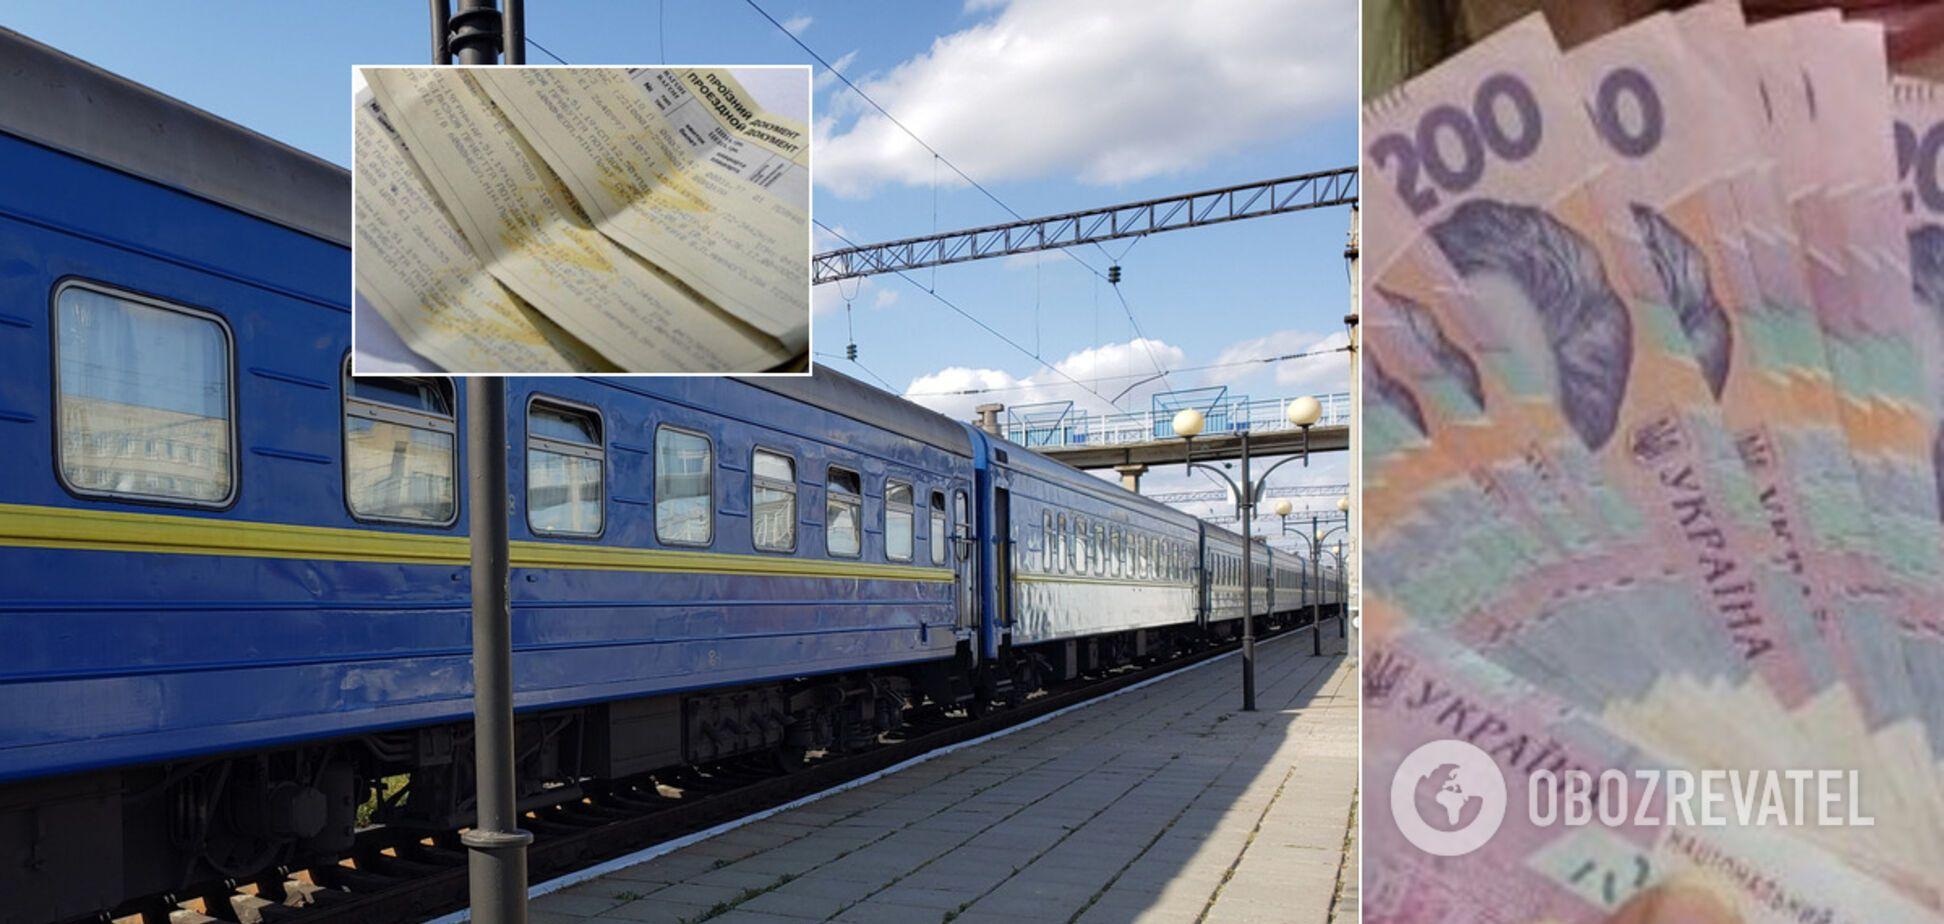 Деньги за билеты не возвращают месяцами: 'Укрзалізниця' угодила в скандал из-за отмены поездов